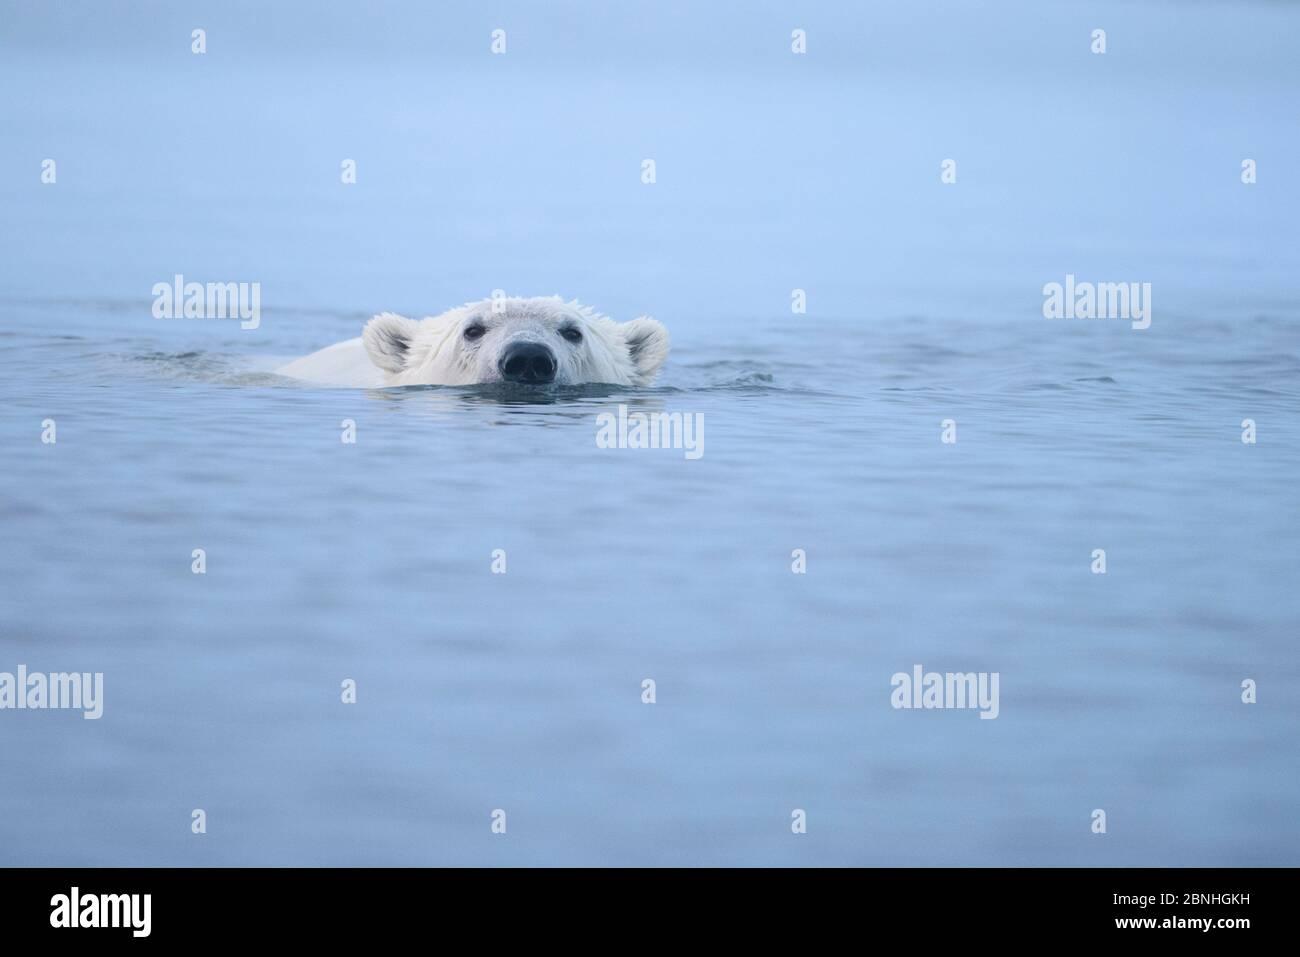 Ours polaire (Ursus maritimus) nageant à la surface de la mer de Beaufort, Alaska, États-Unis Banque D'Images